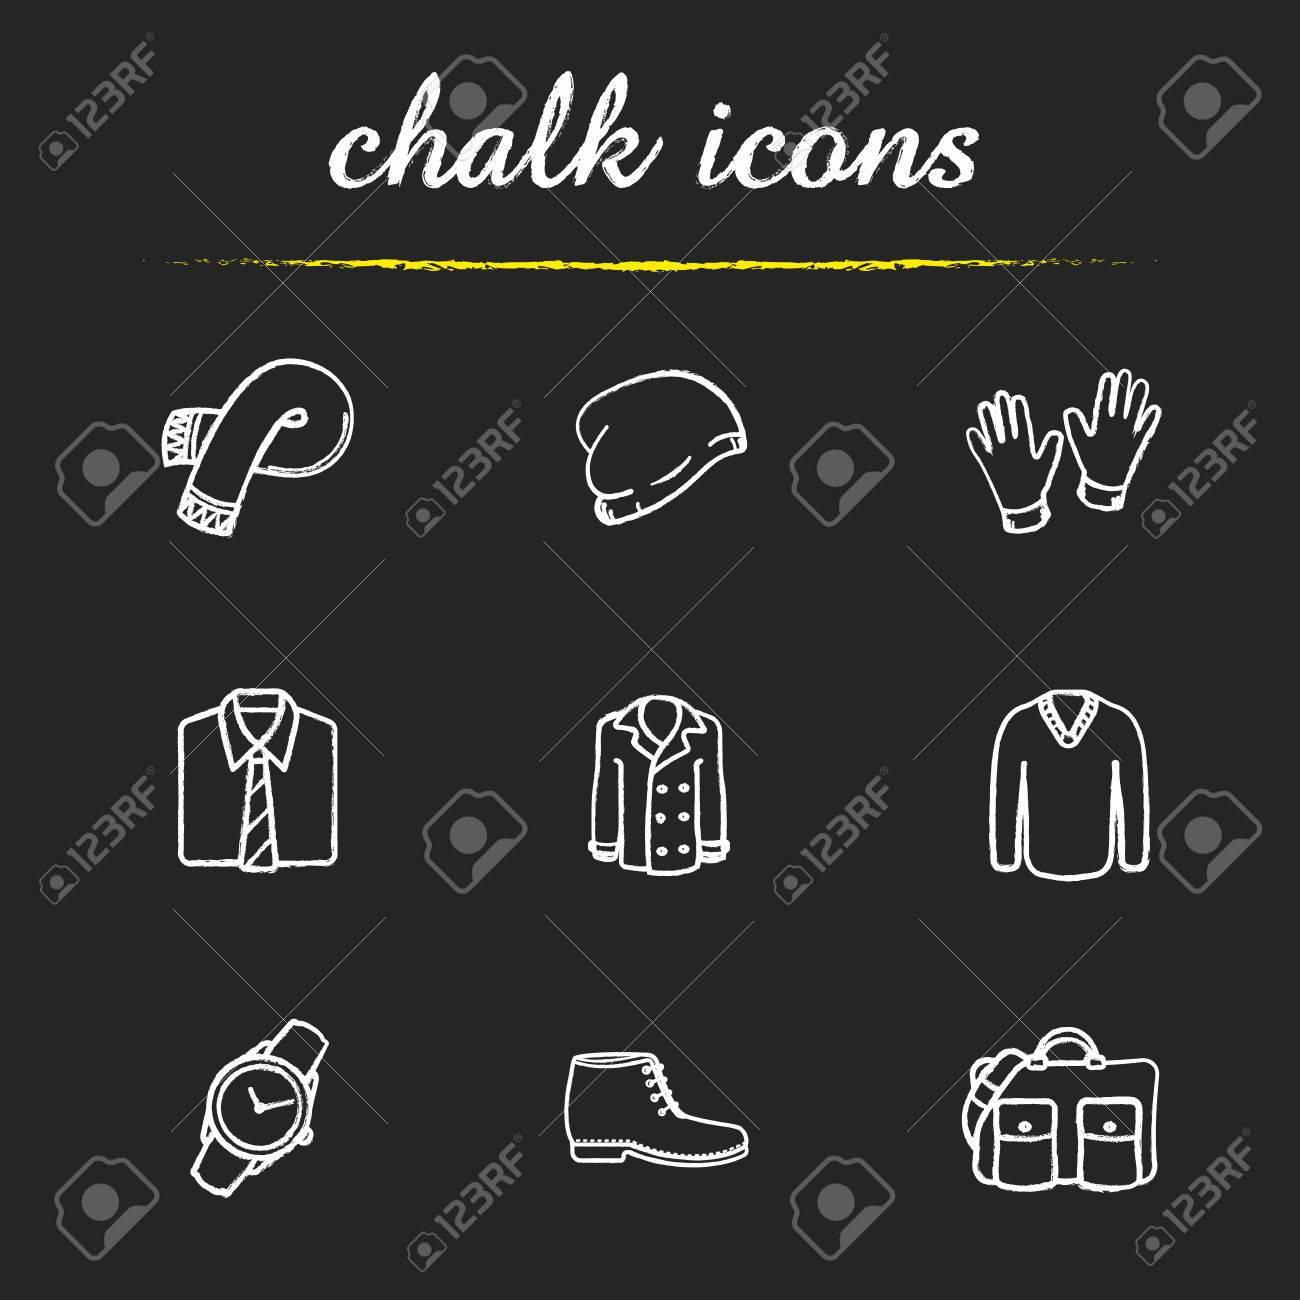 eabc1189 Ropa y accesorios para hombres tiza iconos conjunto. reloj de pulsera,  bolso de mano, camisa clásica y guantes. sombrero de invierno, botas y un  ...